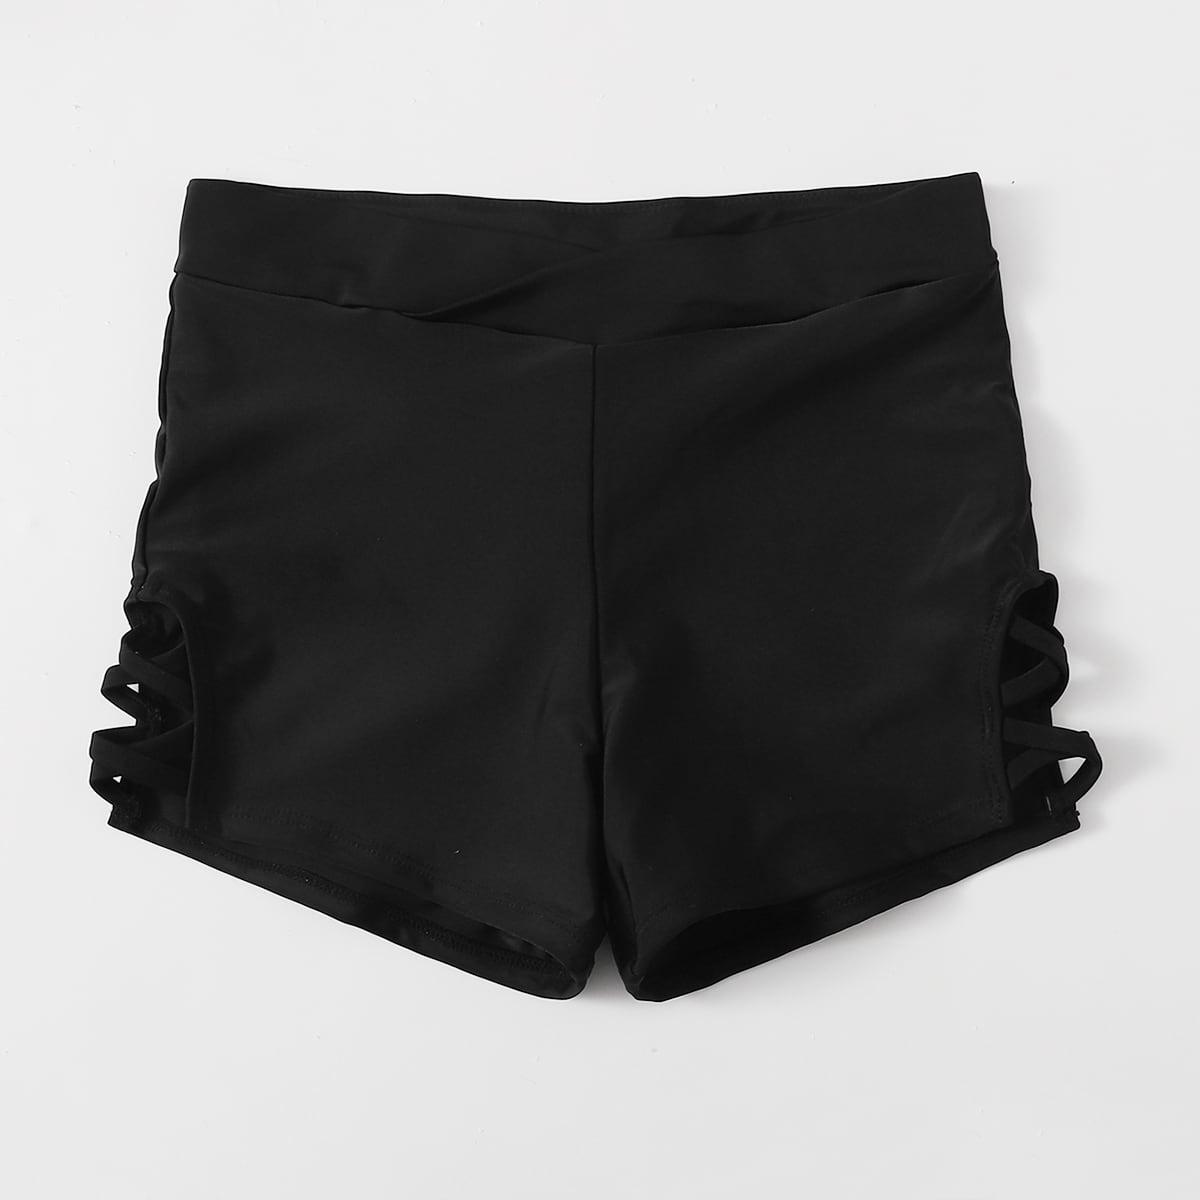 shein Basics Vlak Bikini bottom criss cross